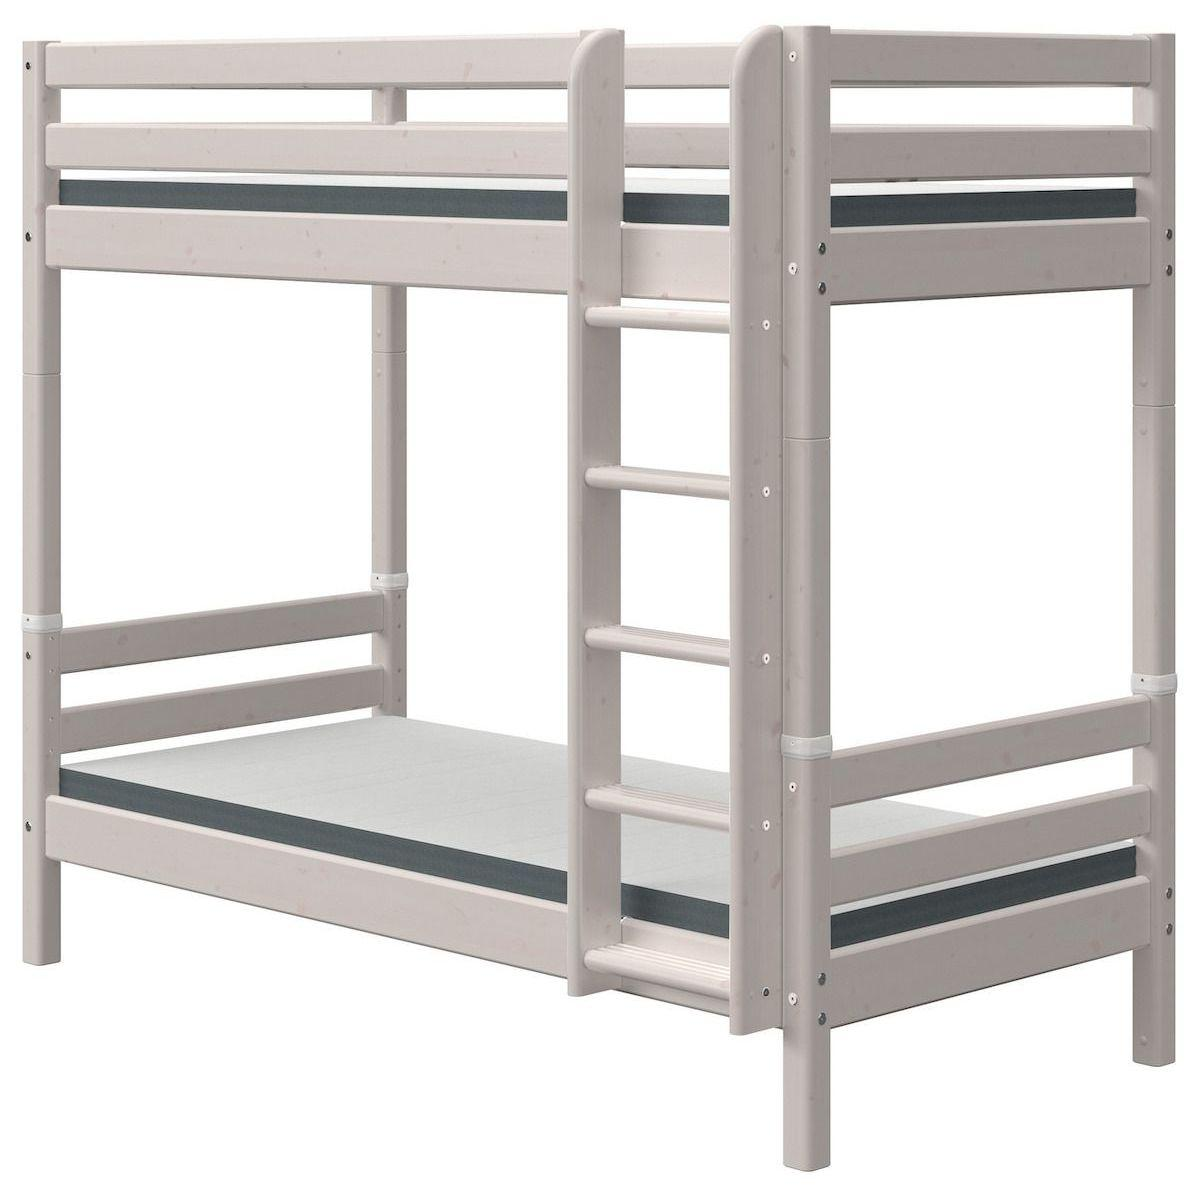 Lit superposé haut 90x200cm échelle droite CLASSIC grey washed